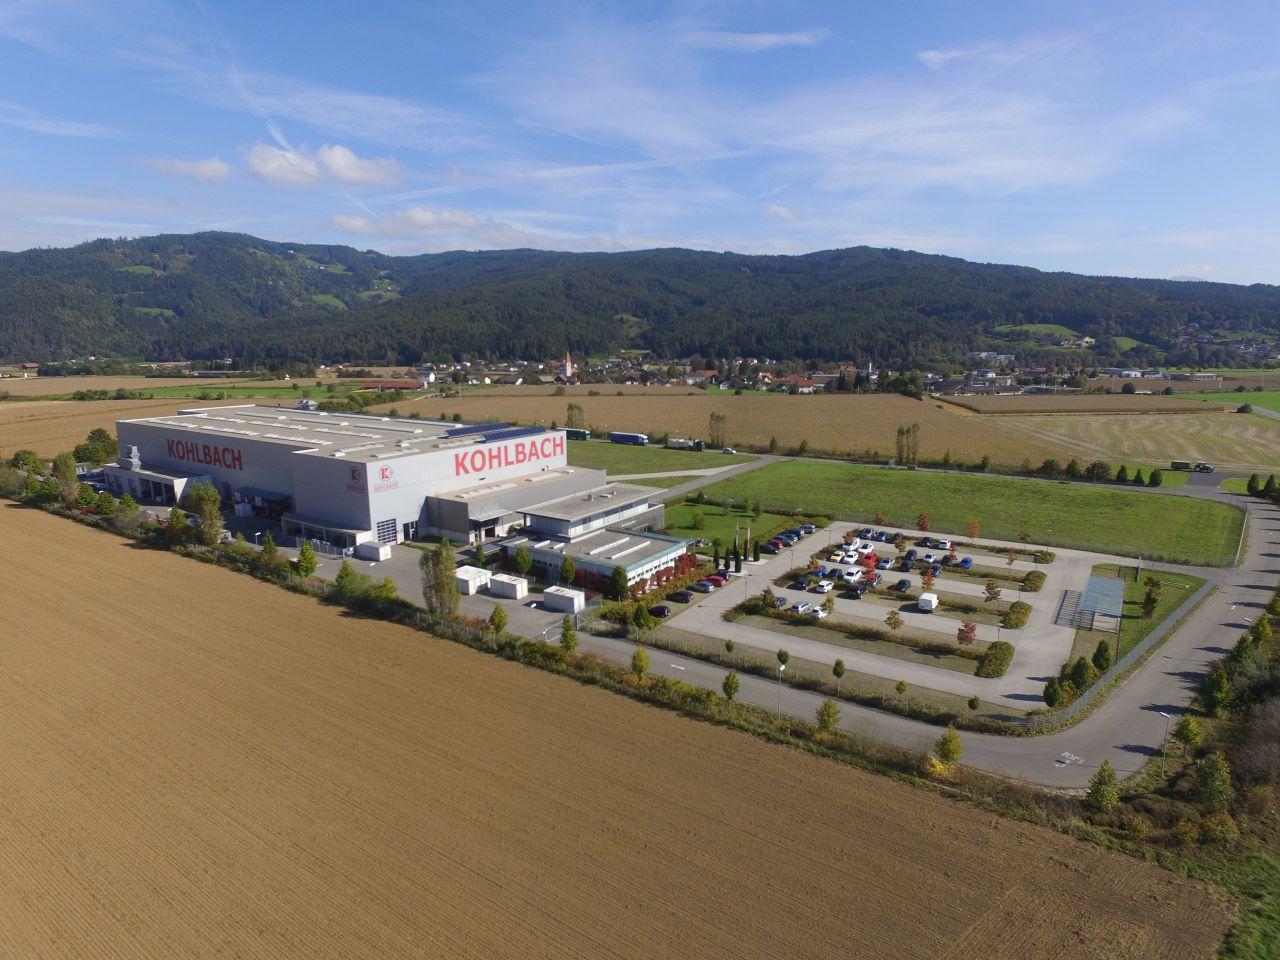 ساخت نیروگاه جدید در شمال آلمان توسط کوهلباخ